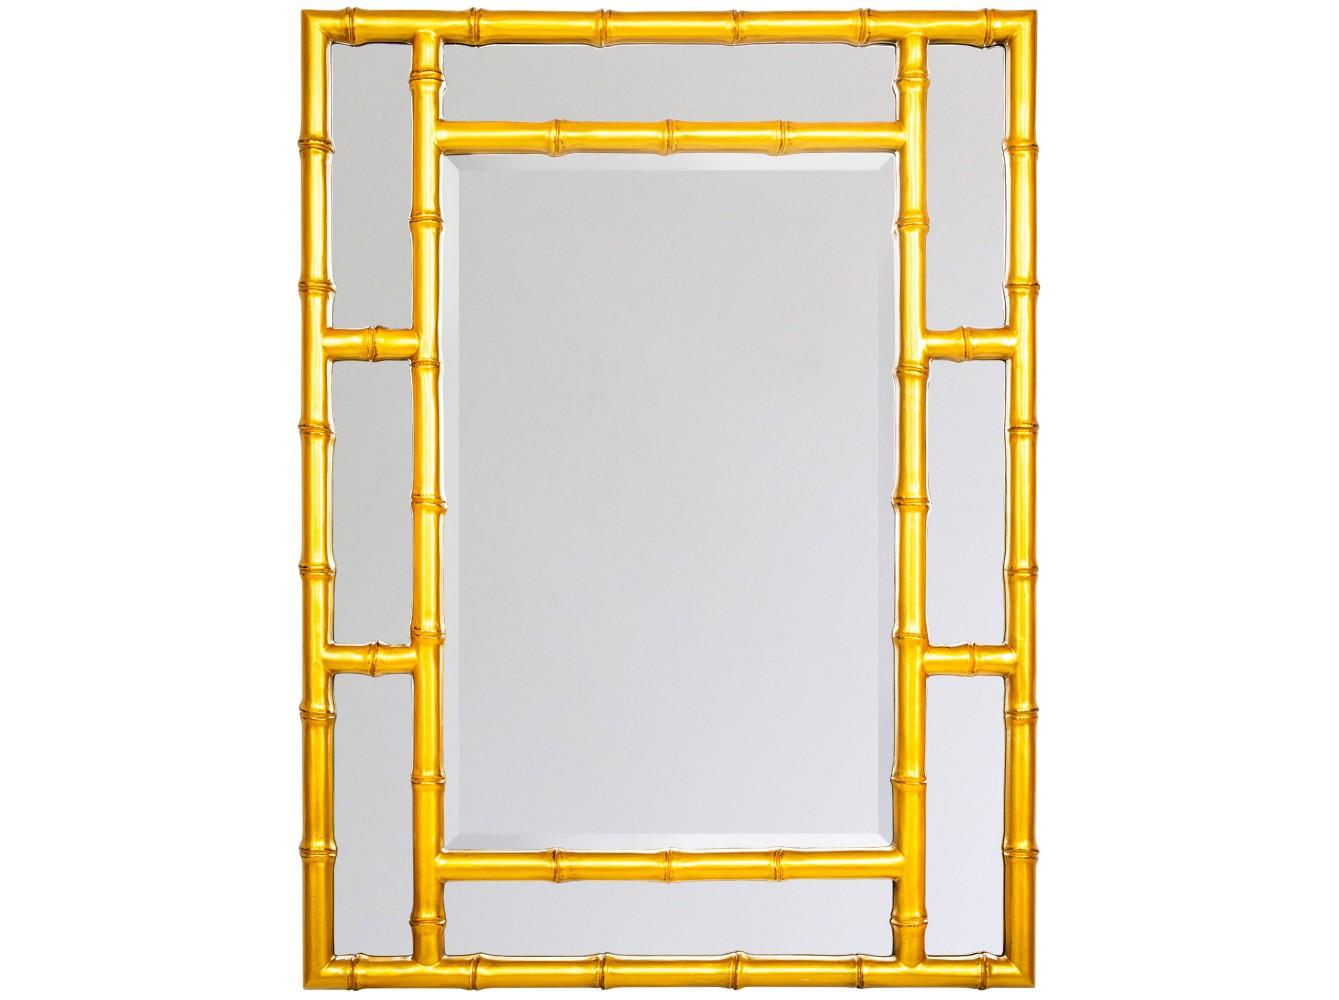 Купить Настенное зеркало «ориент»  (Object desire) золотой мдф 75x101x7 см. 87135 в интернет магазине. Цены, фото, описания, характеристики, отзывы, обзоры